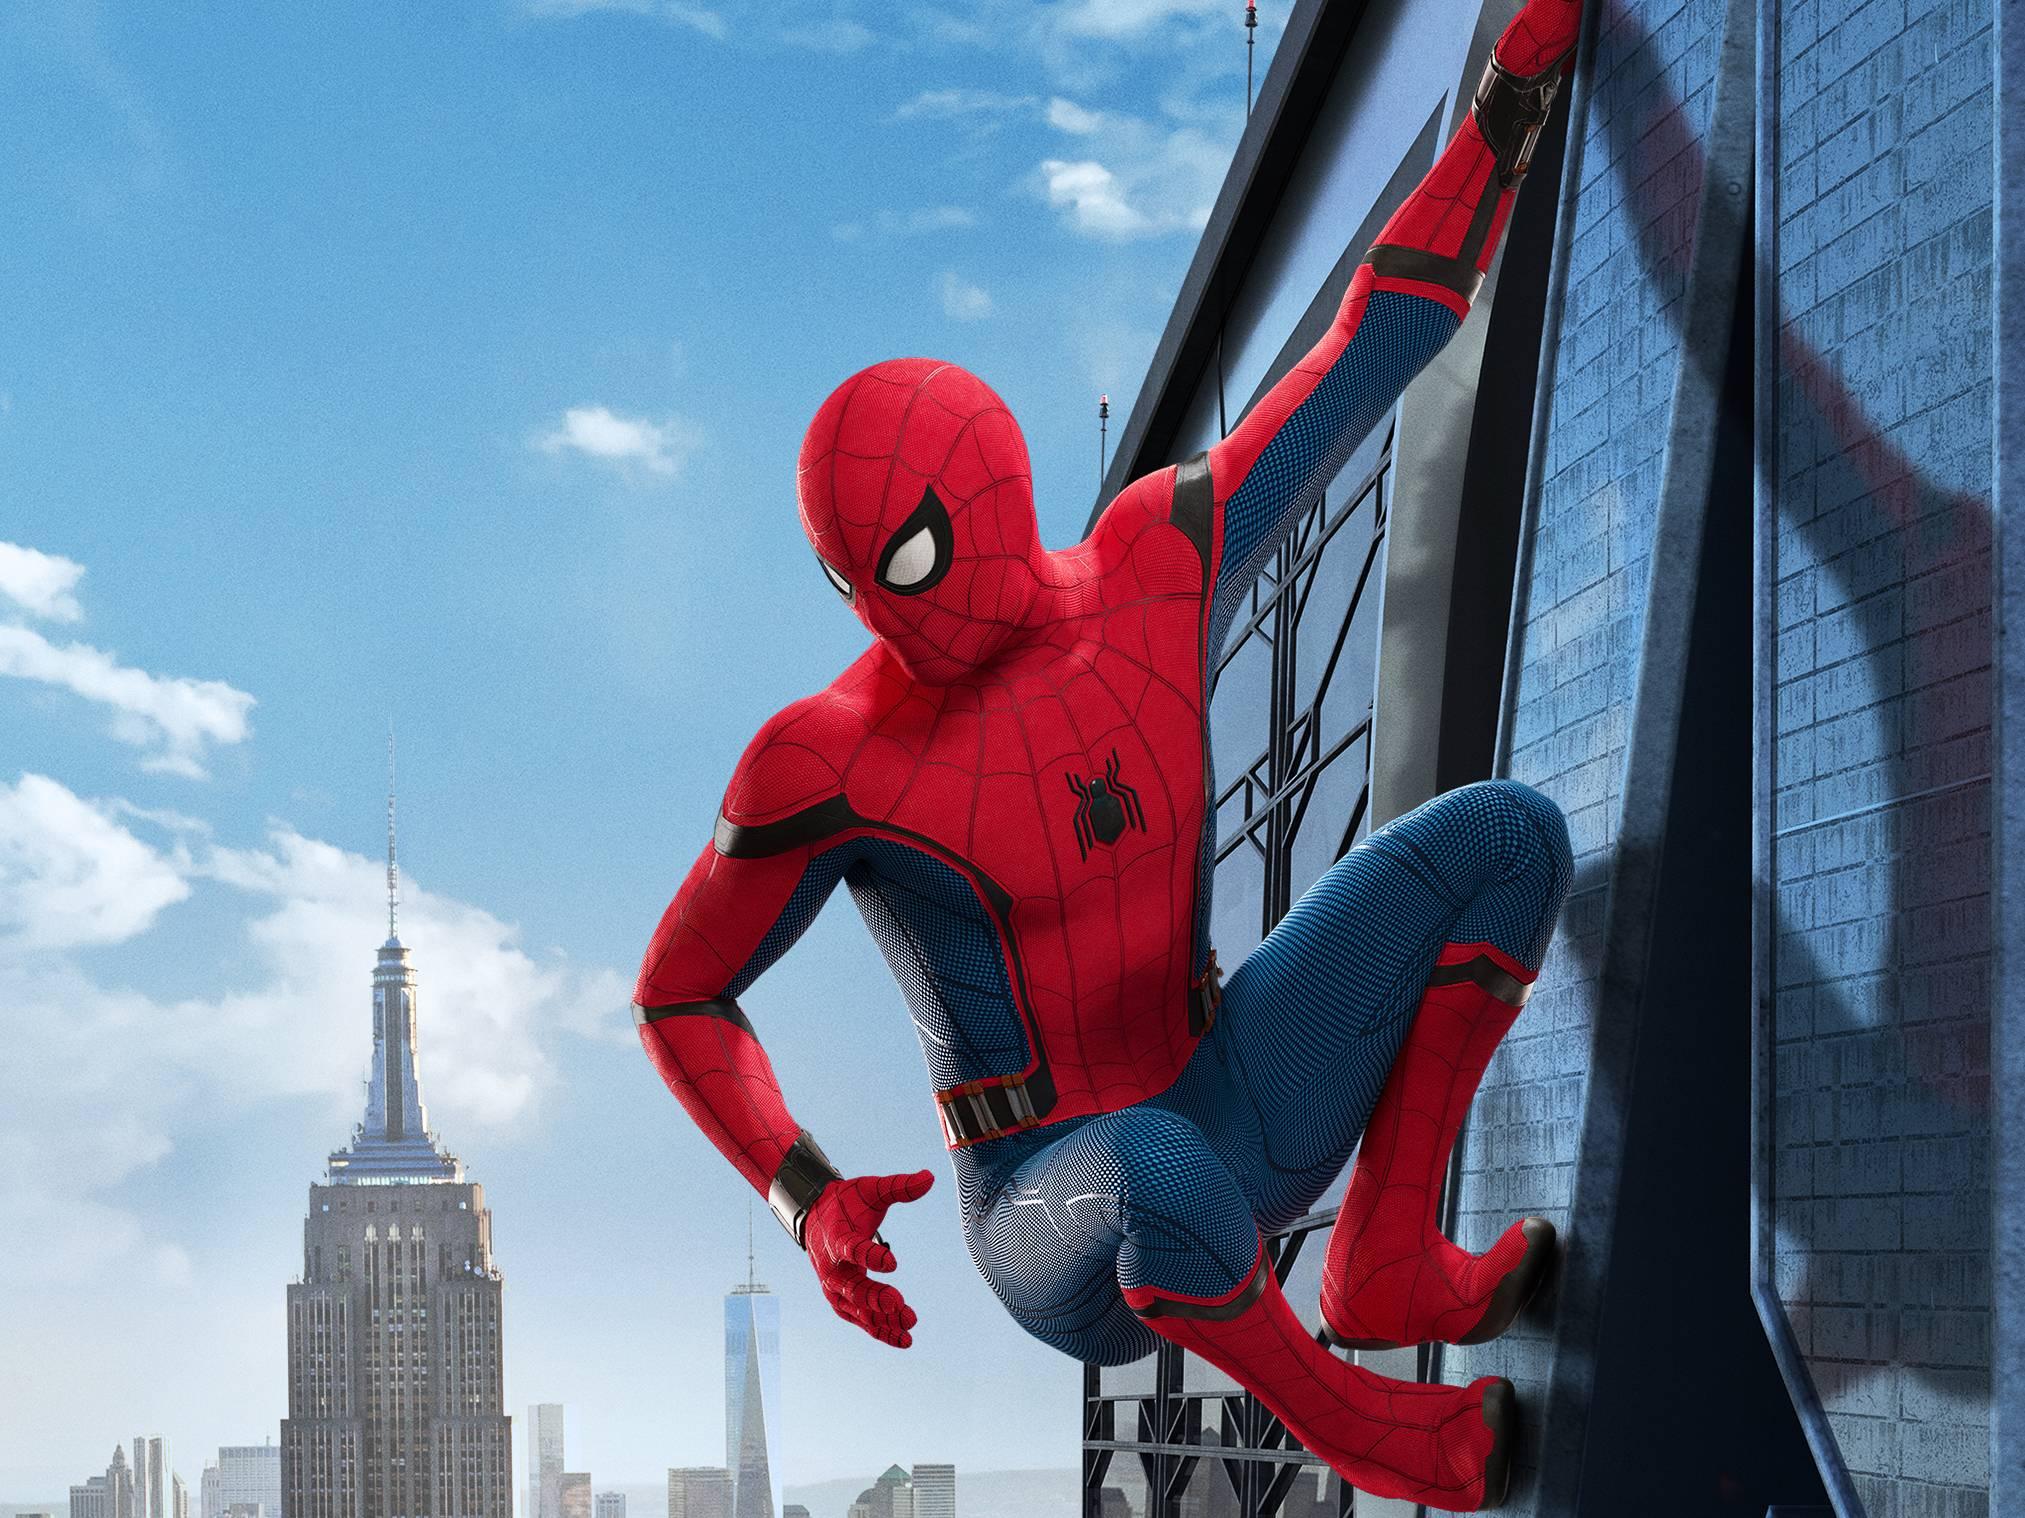 mgid:file:gsp:scenic:/international/nick-intl/images/series/orange-carpet/ep-19-spiderman/spiderman-homecoming-5.jpg